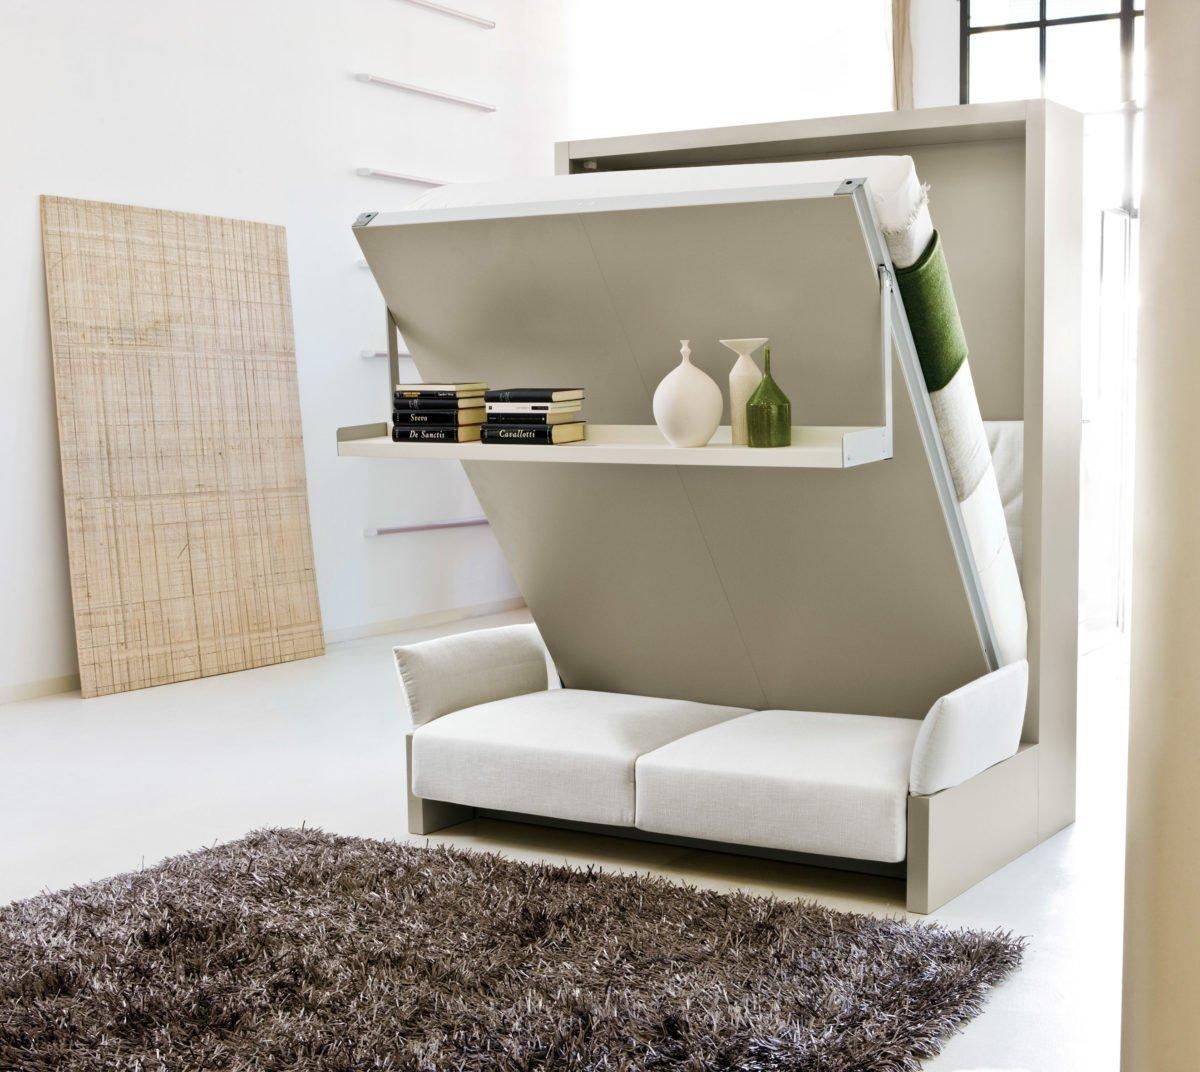 Rendere spaziosa casa trucchi - Mobili per bed and breakfast ...